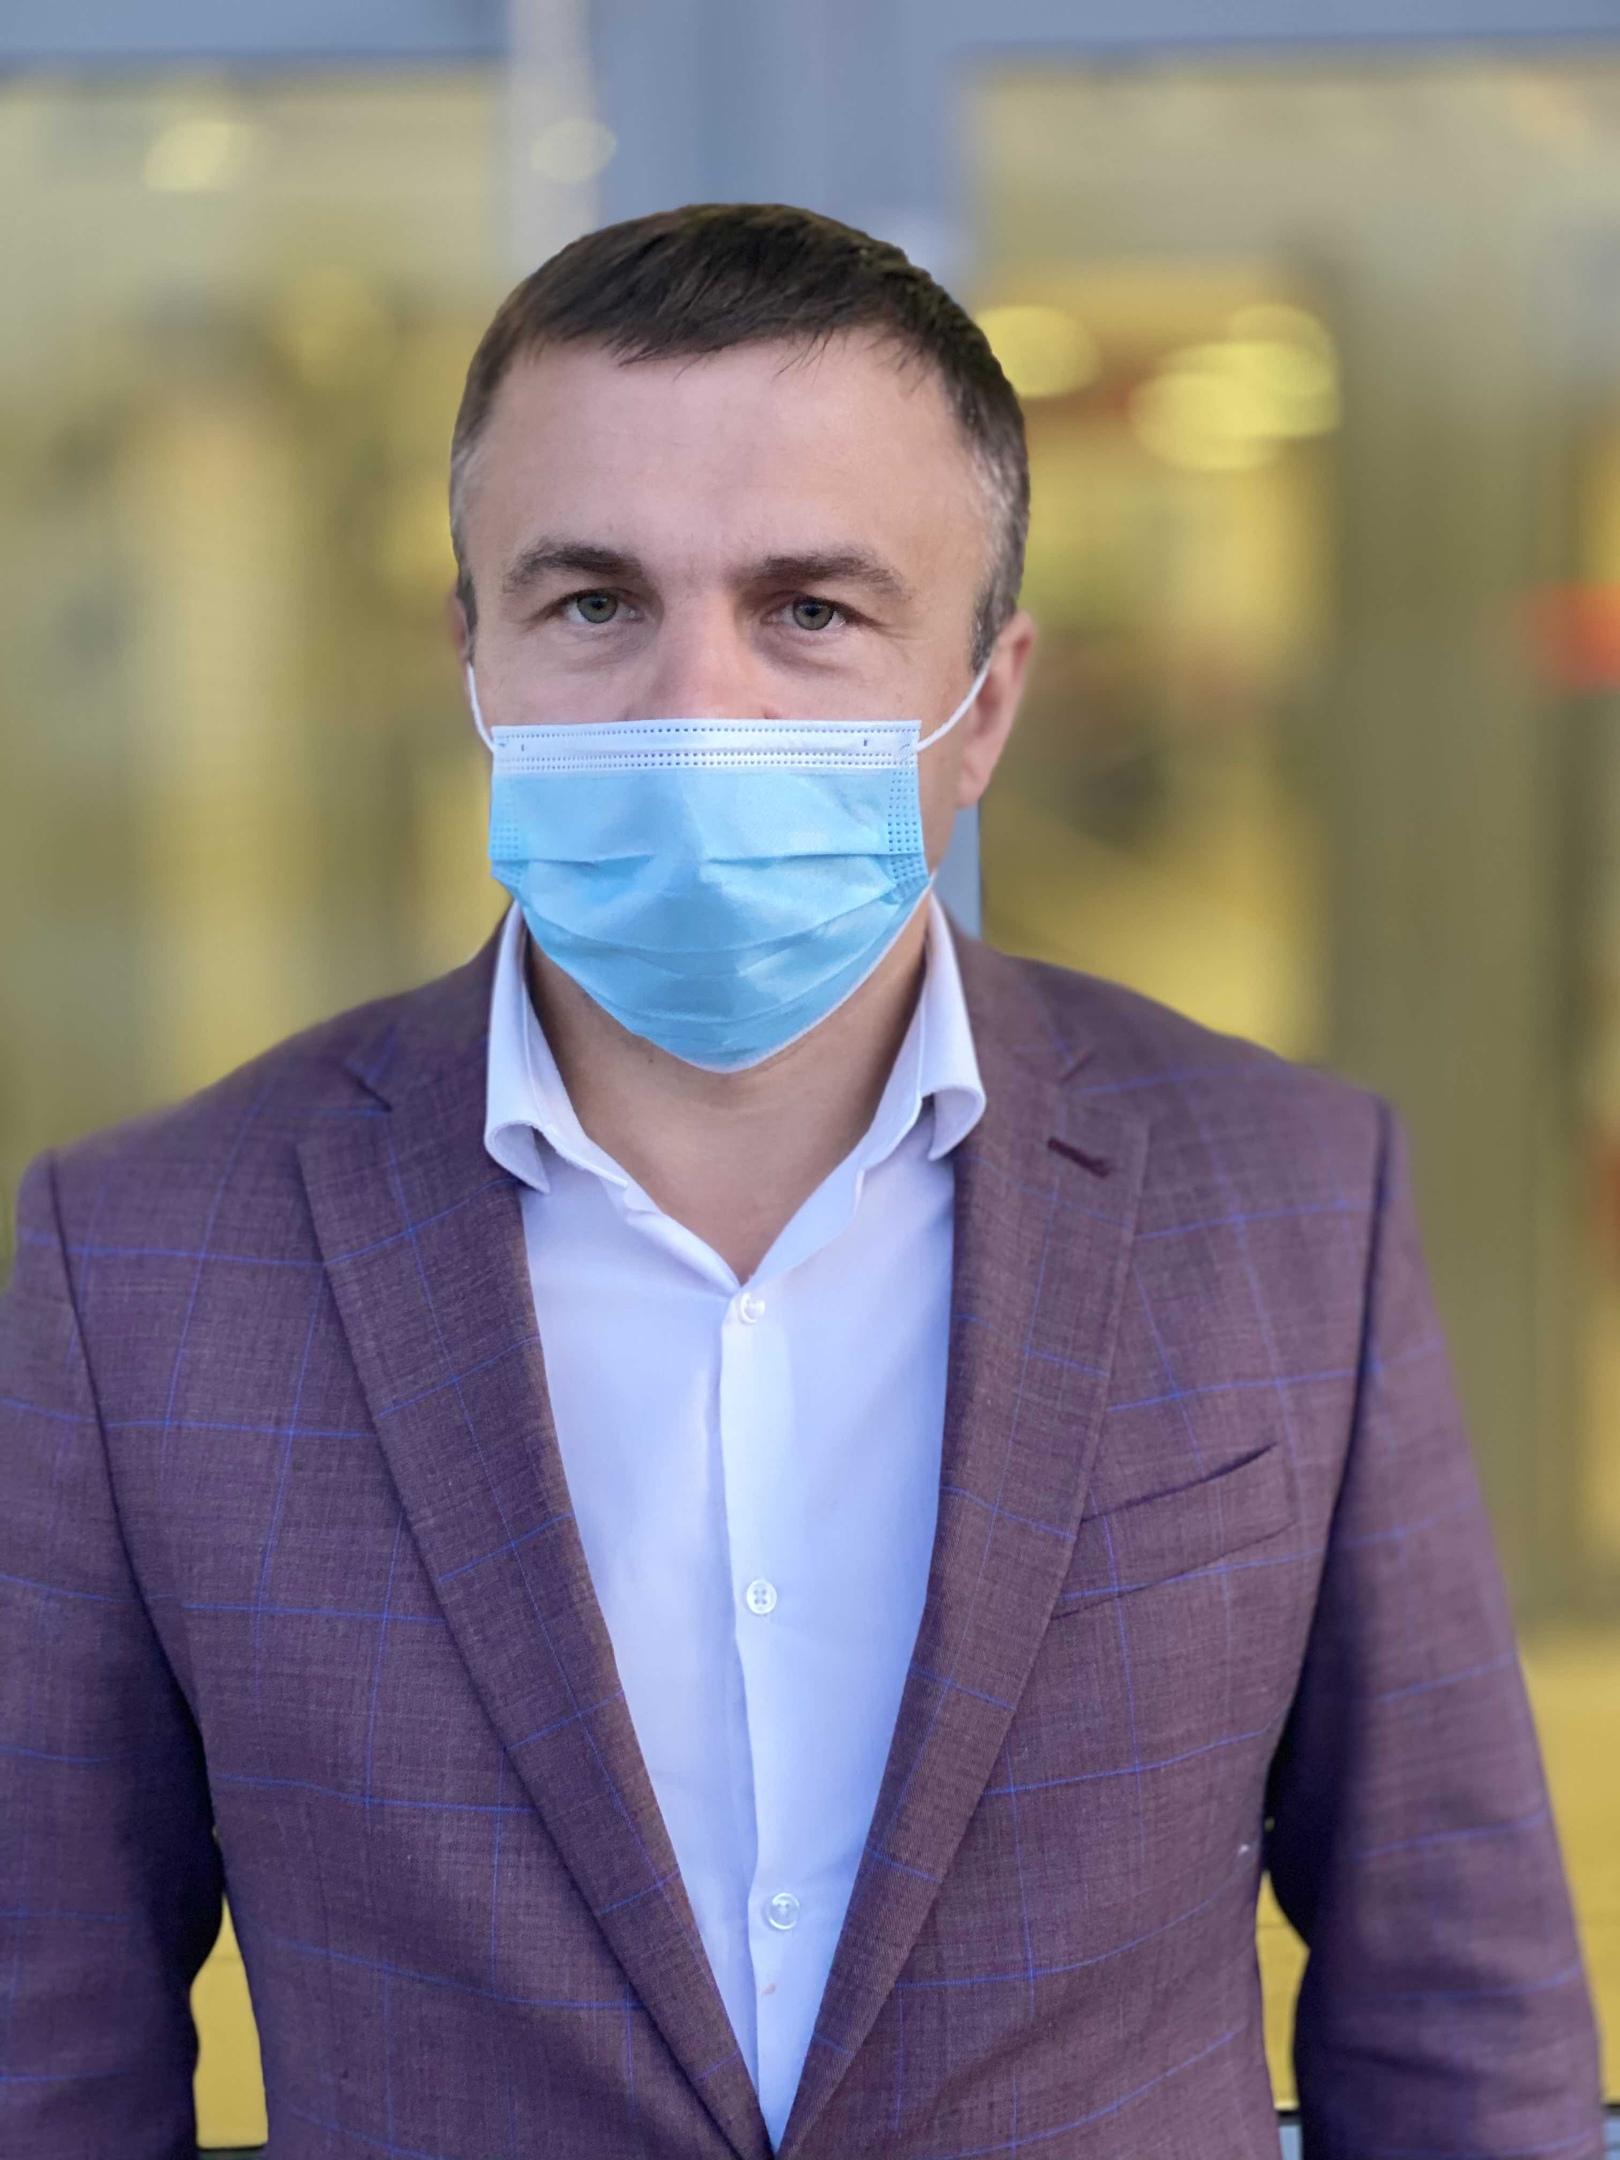 Андрей Николашкин: введение обязательного масочного режима - эффективное и взвешенное решение